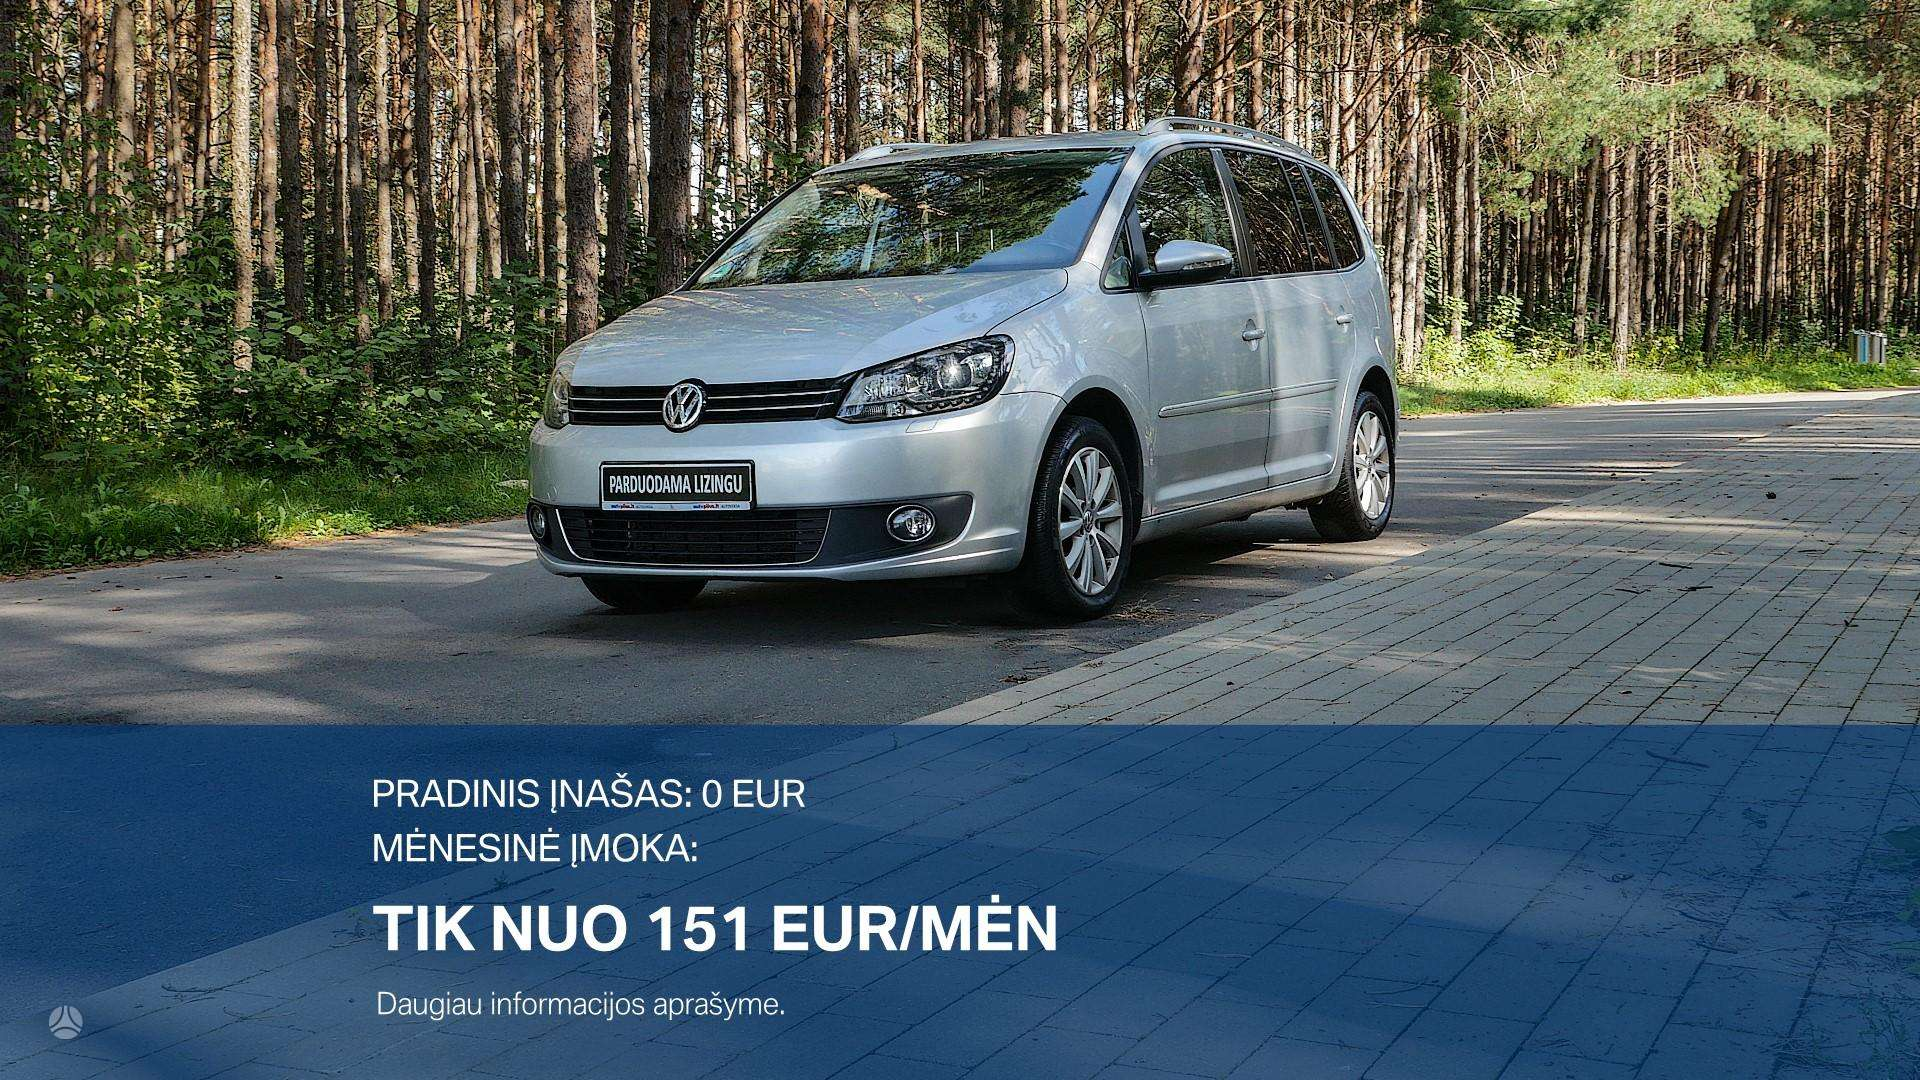 Volkswagen Touran Išsimokėtinai nuo 151Eur/Mėn su 3 mėnesių garantija